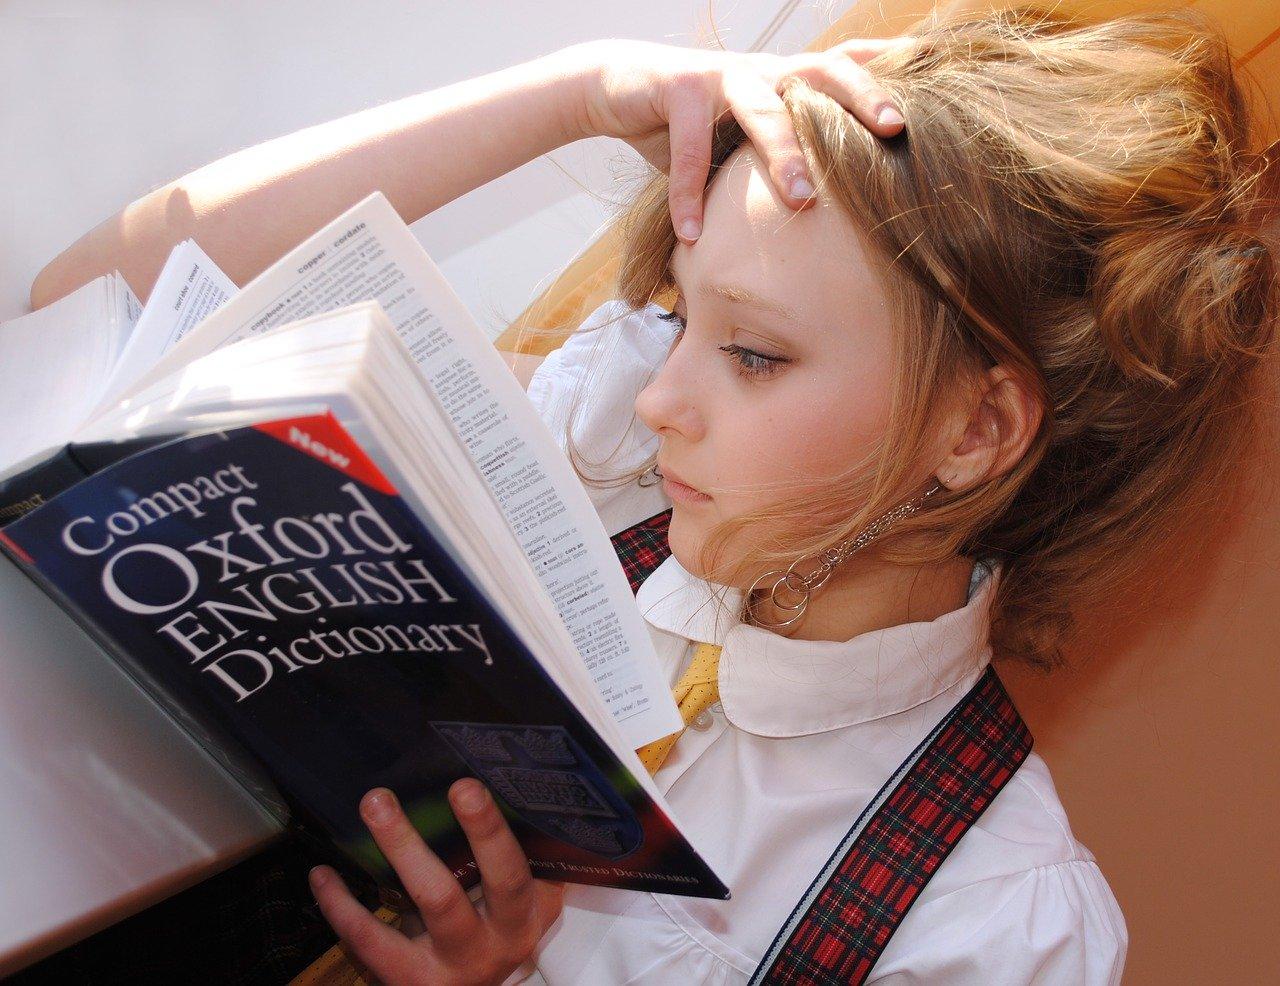 كيفية تعلم اللغة الألمانية، شراء قاموس